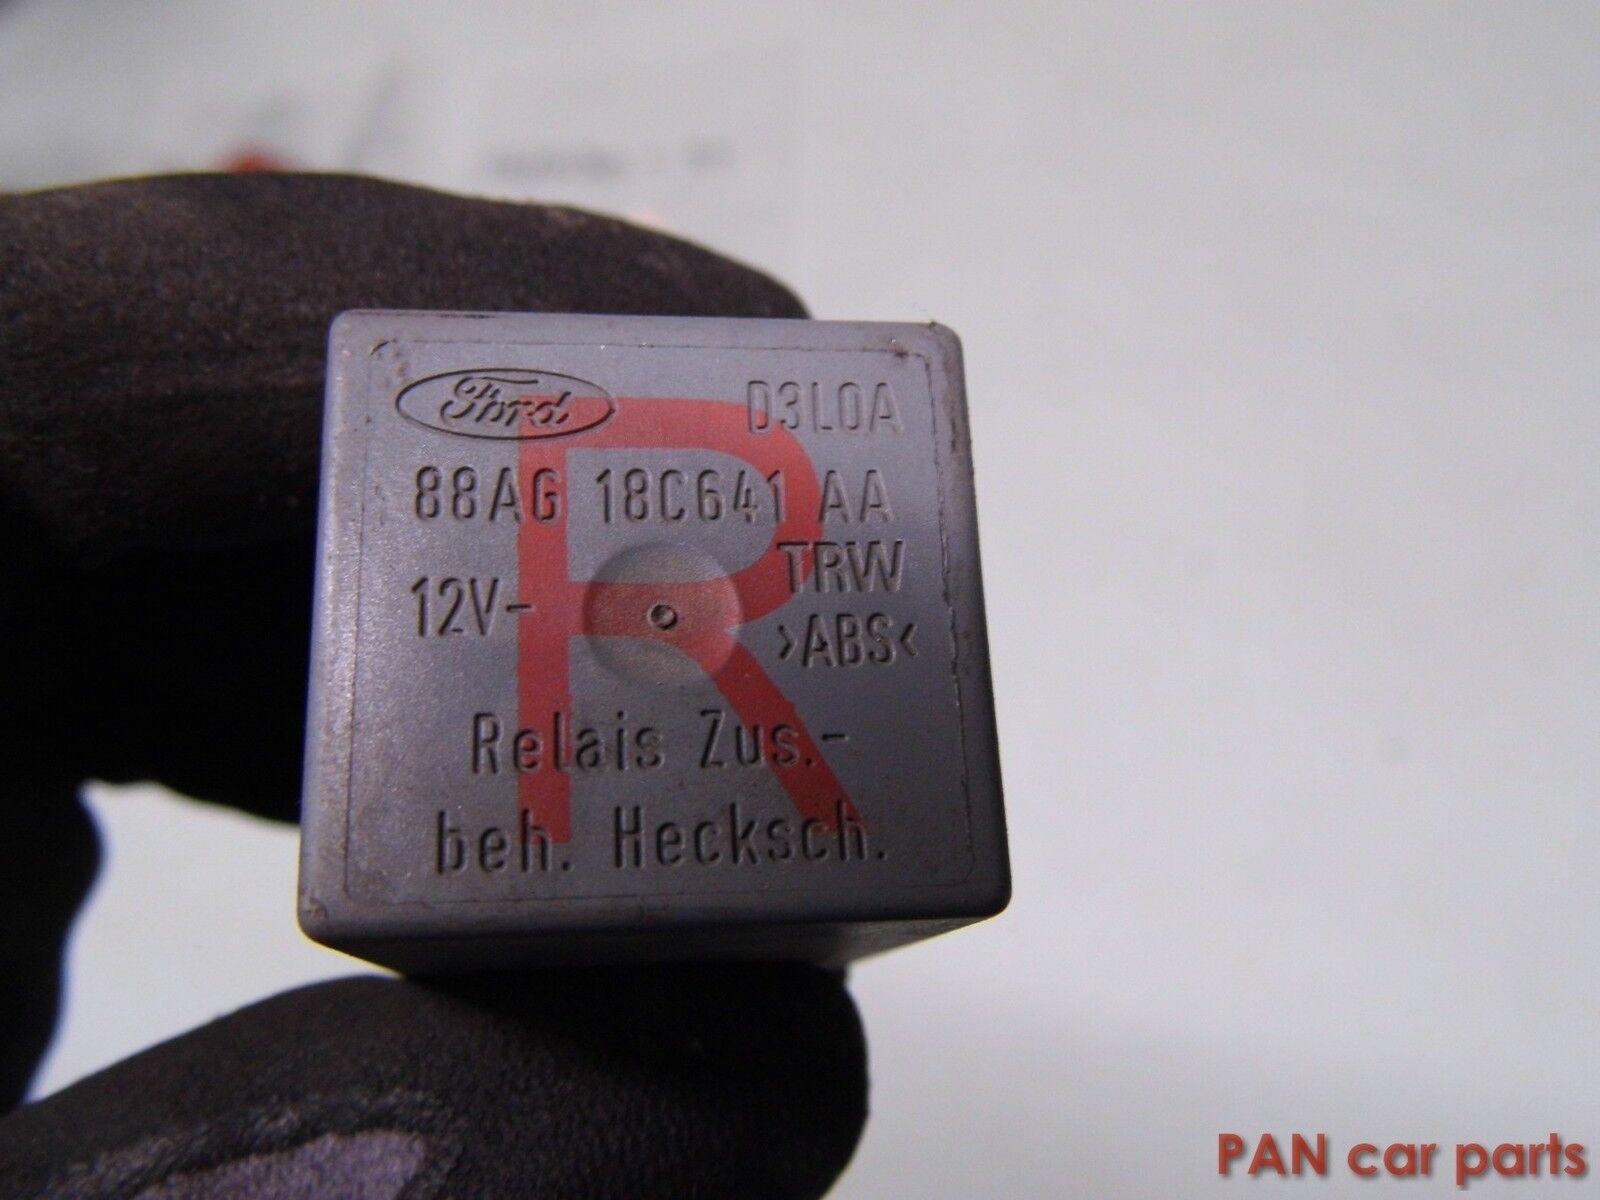 hecksch R gris relés Zus Ford relé 88ag18c641aa - Westfal